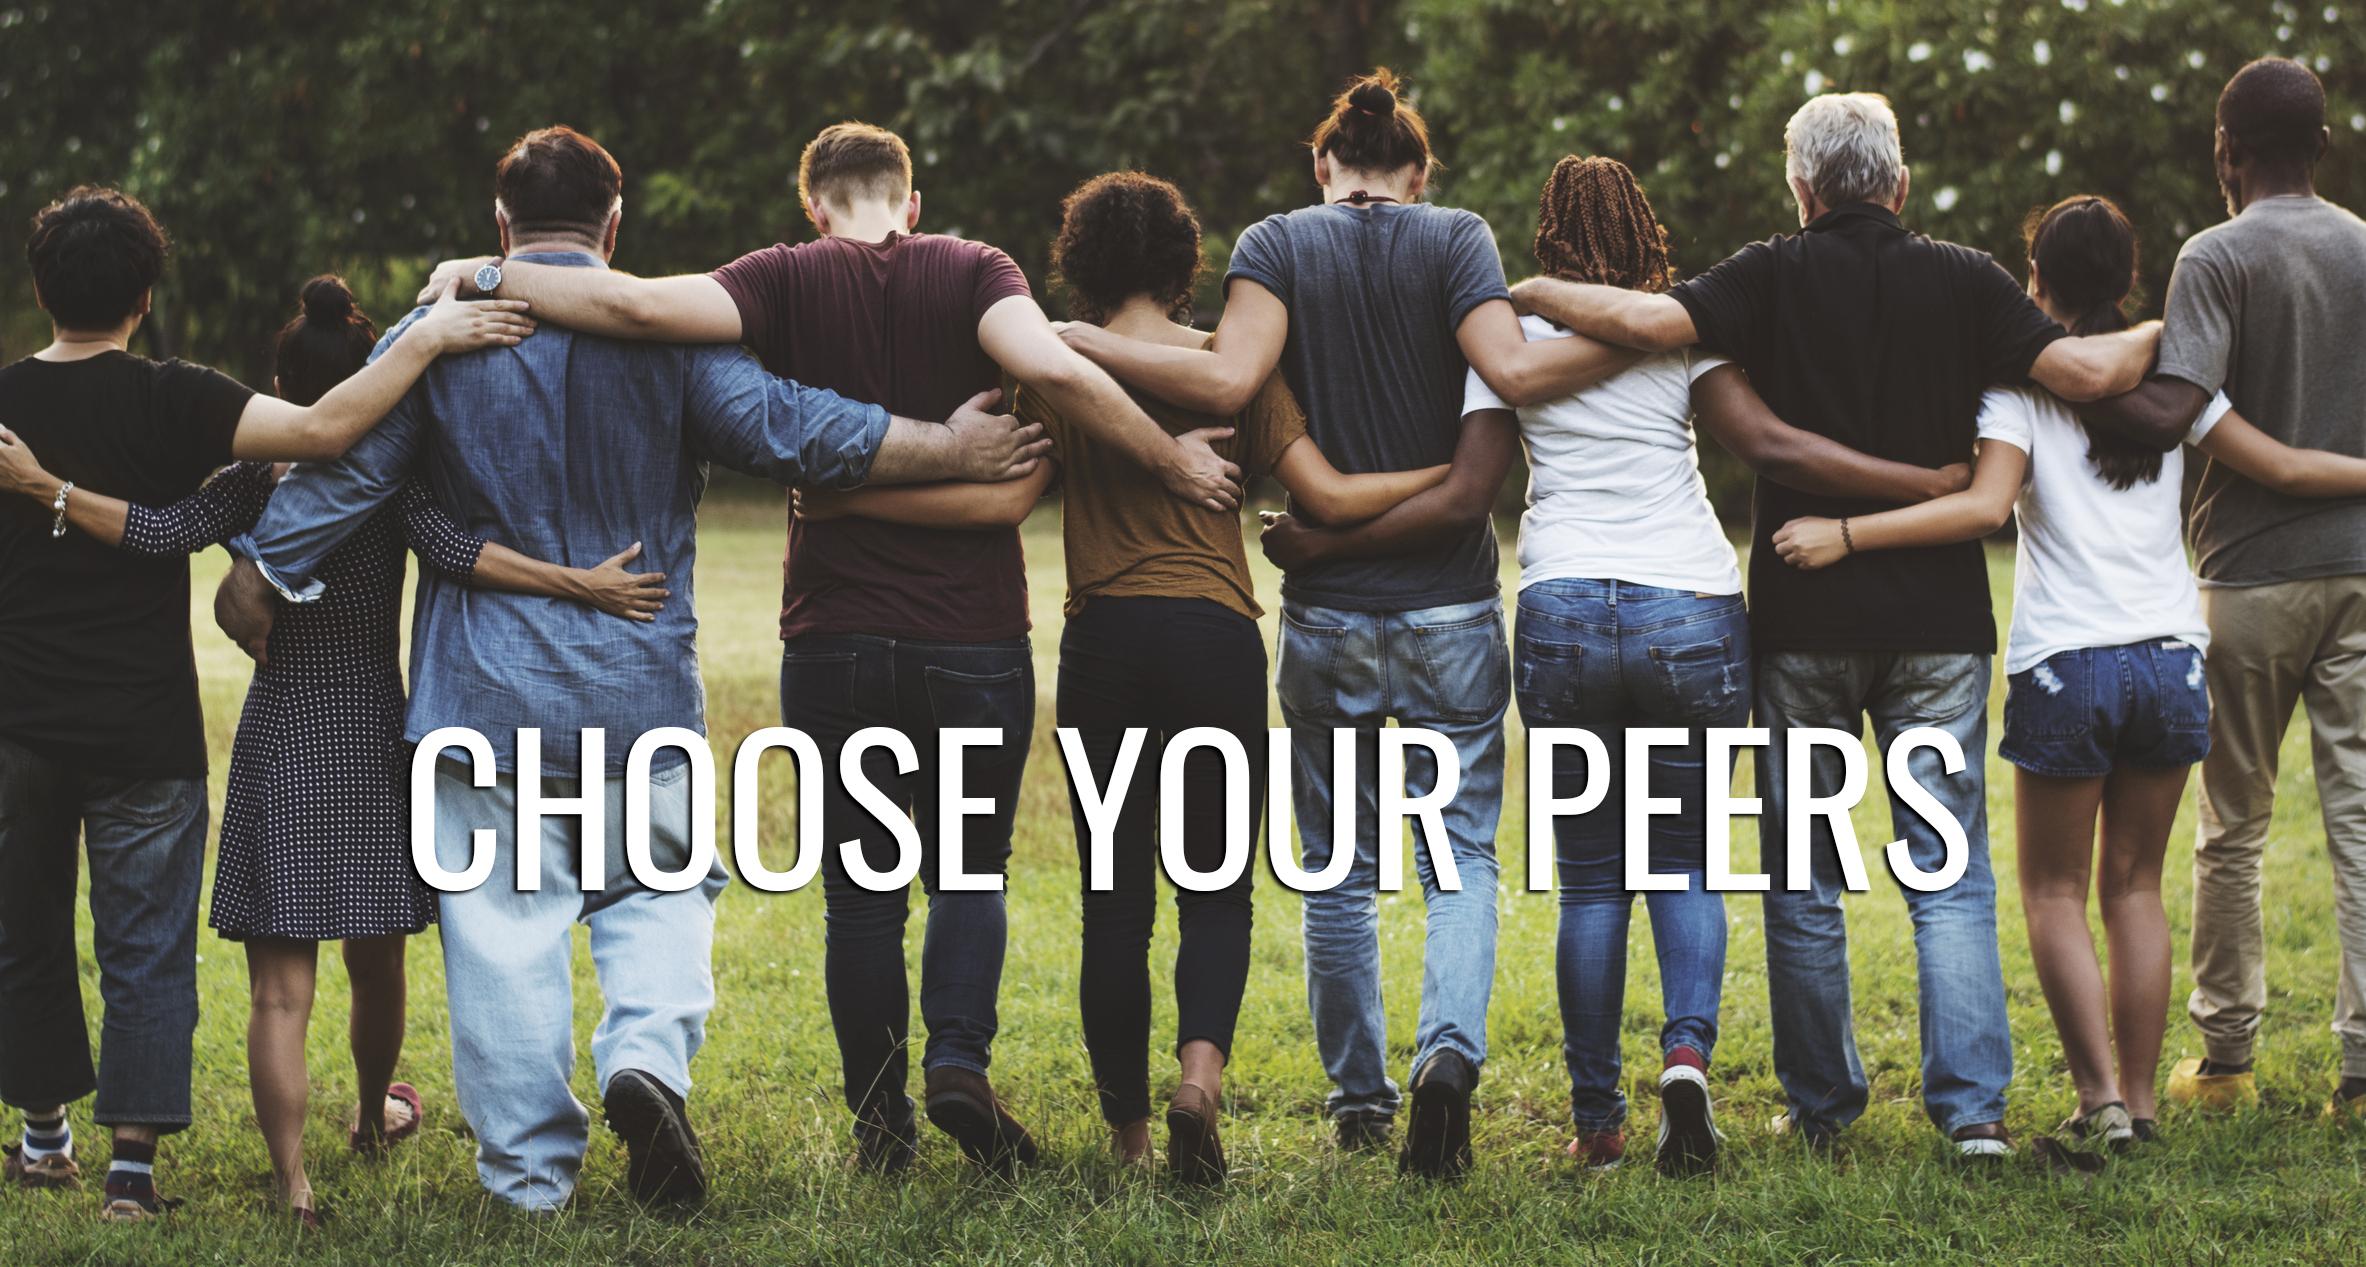 choose your peers